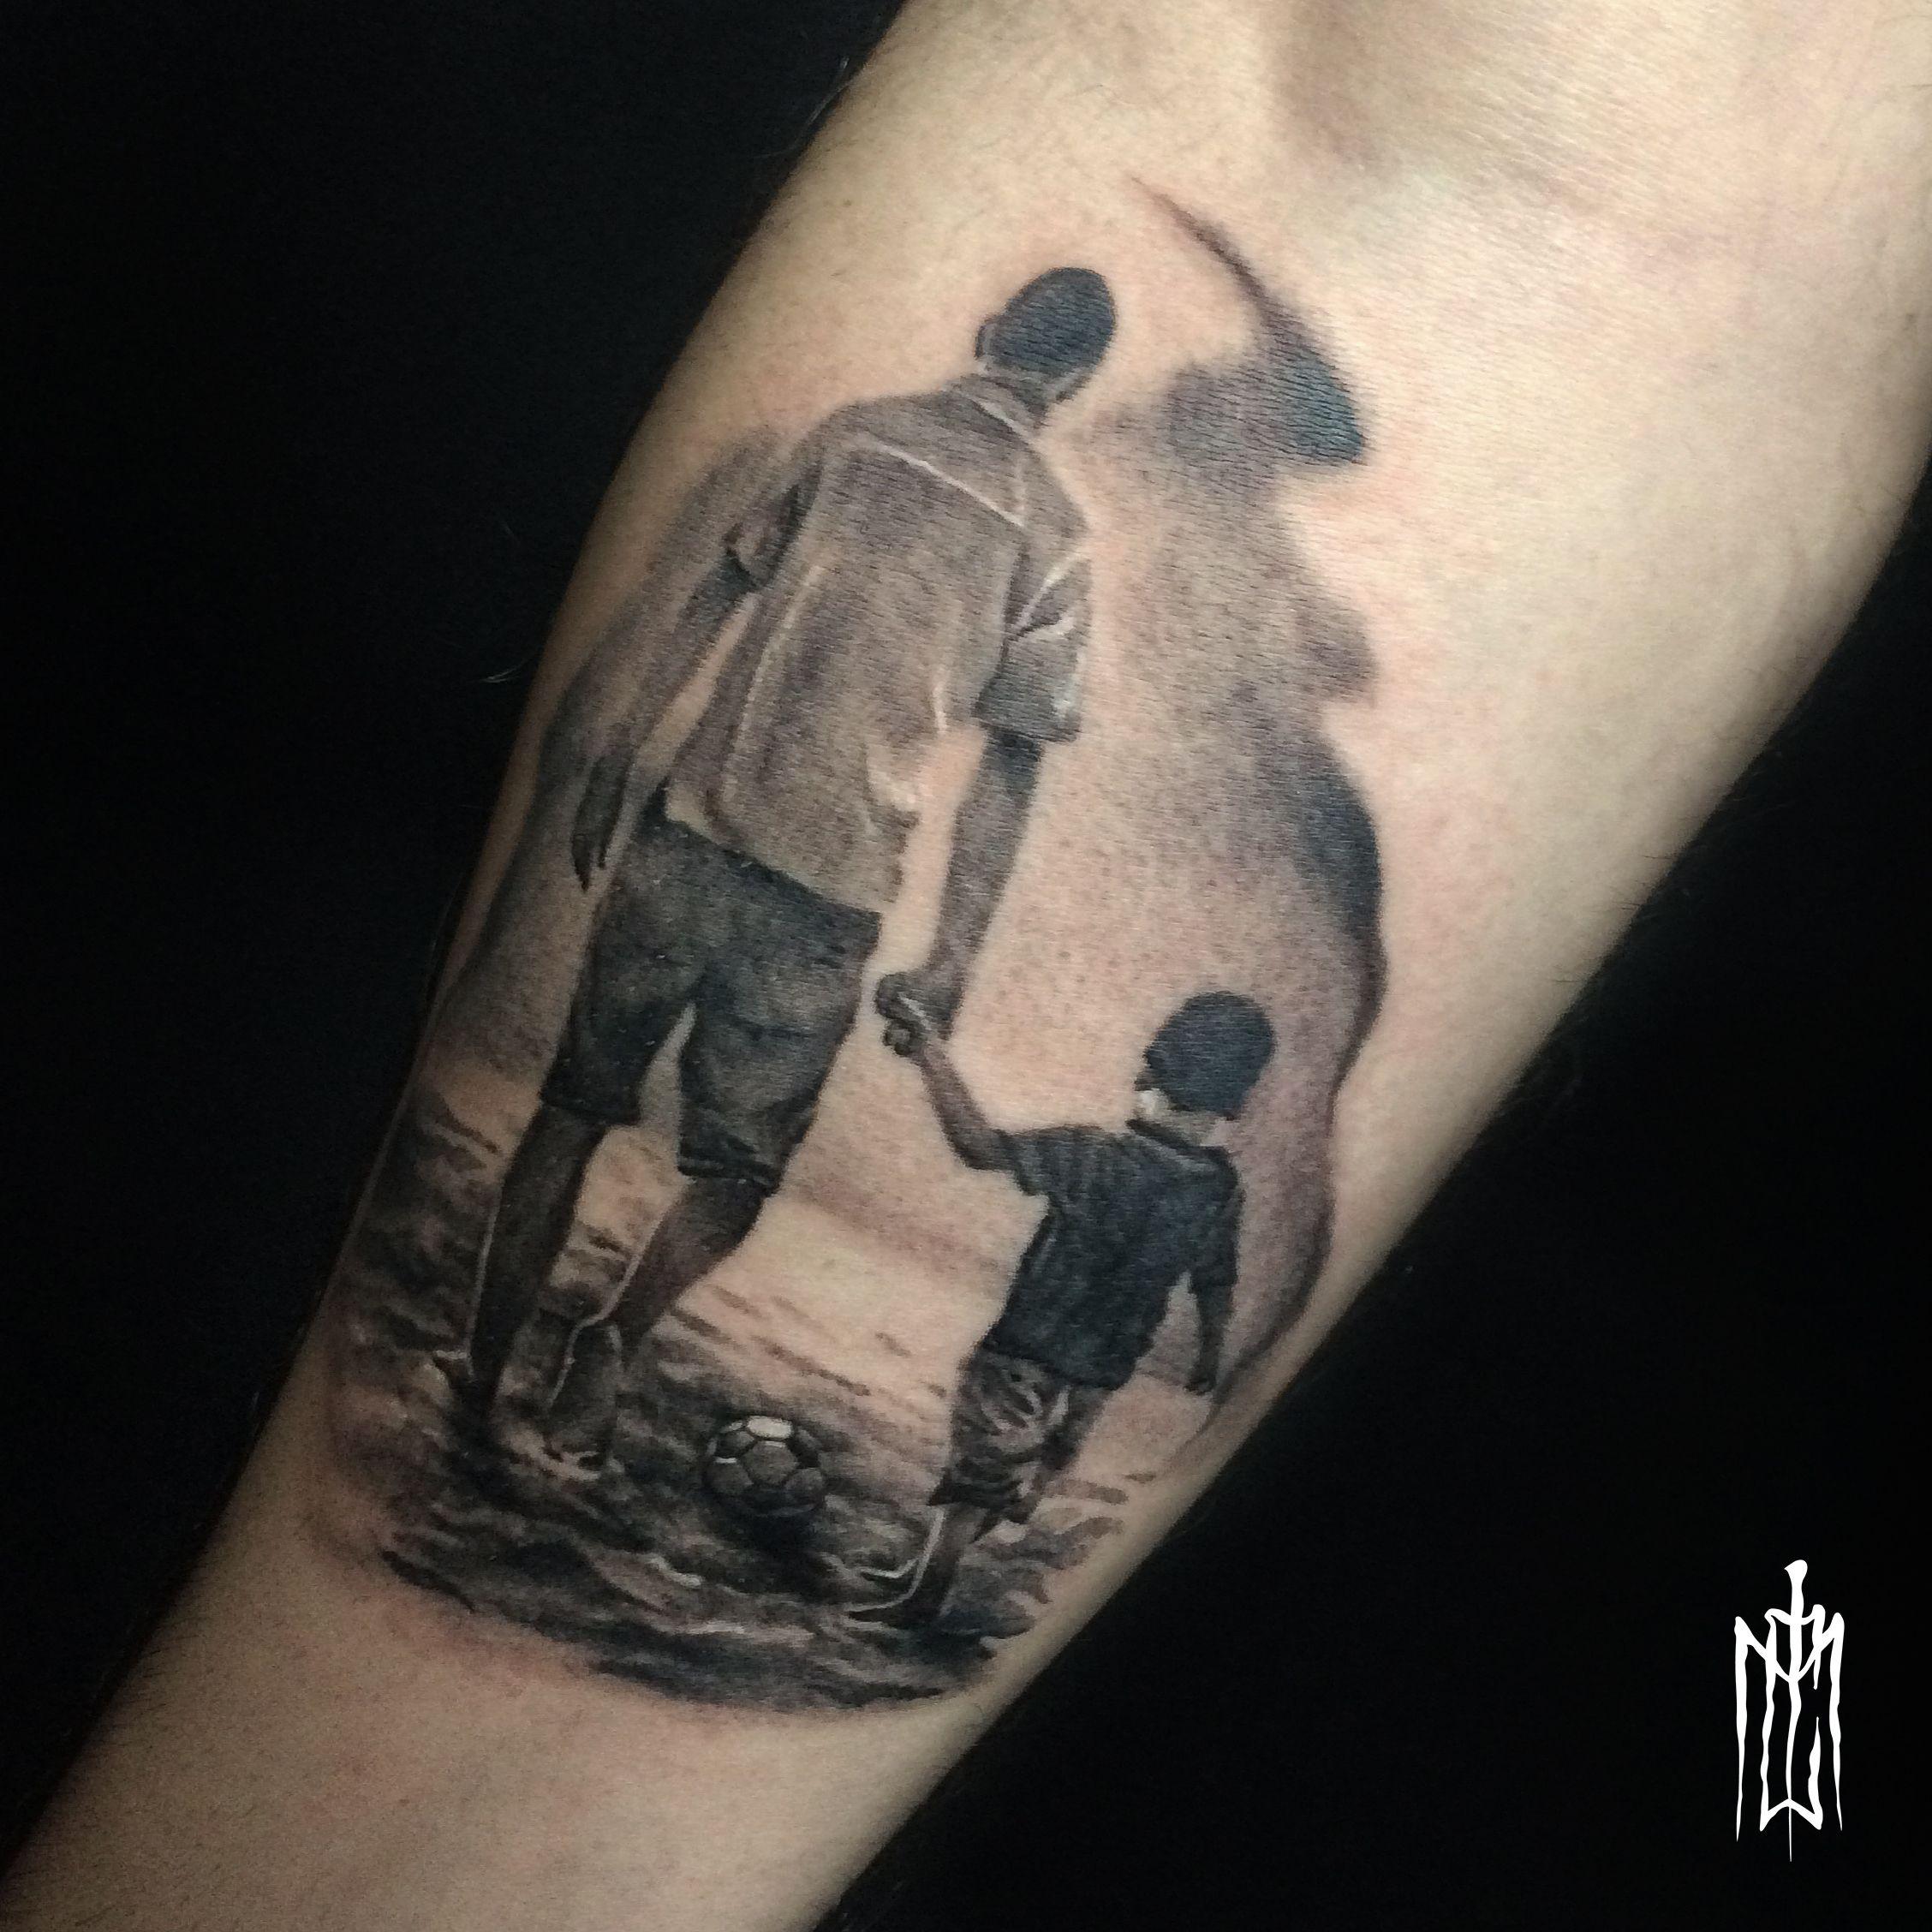 Fotos De Tatuagem De Pai E Filha: Tatuagem De Pai Para Filho Preto E Cinza Para Começar A